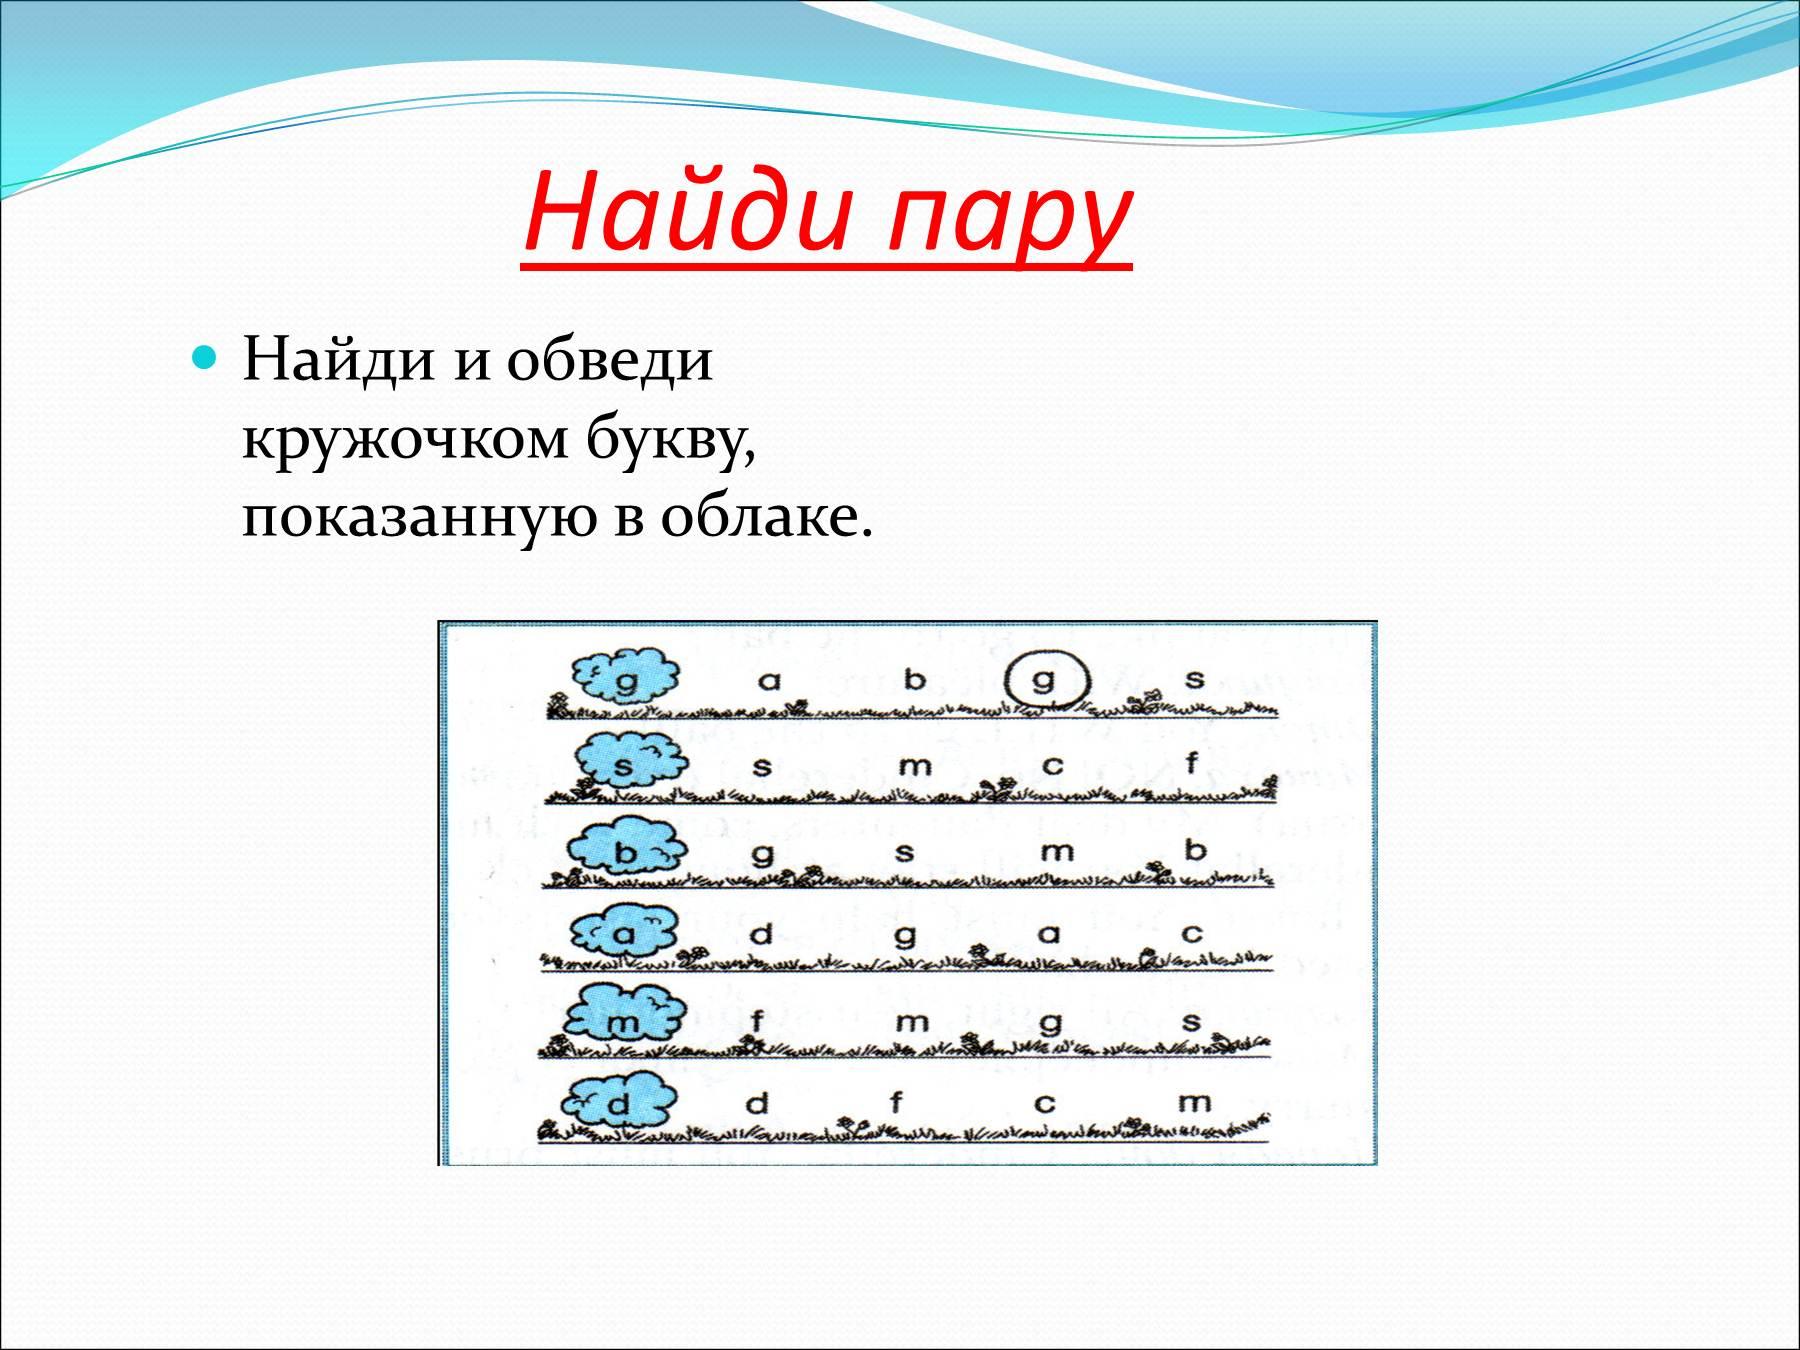 презентация алфавит на анг яз